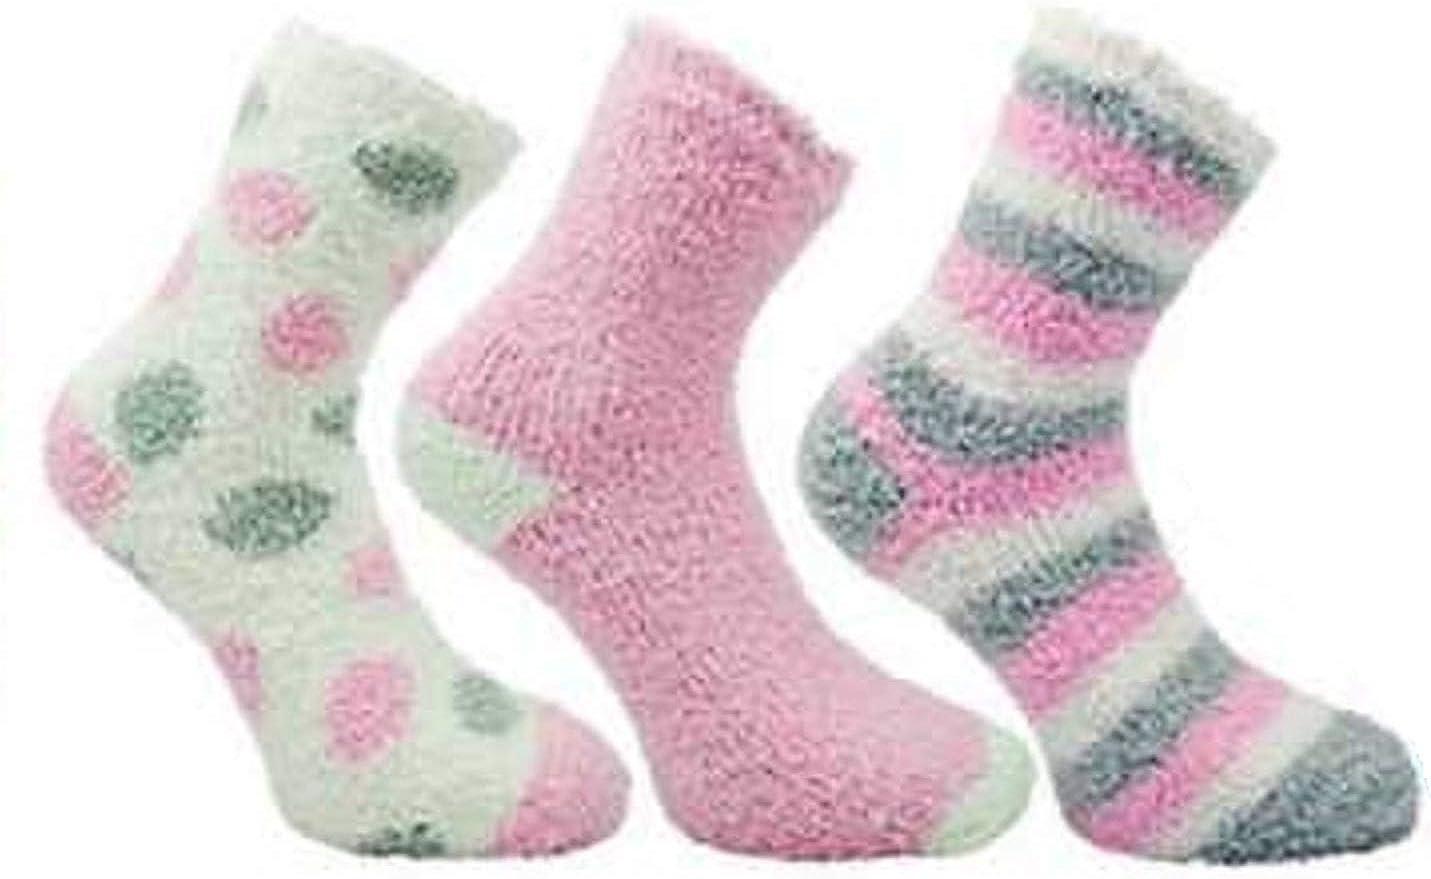 Womens Fluffy Stripes Plain /& Polka Dot Co-Zee Thermal Socks 3 Pair Pack